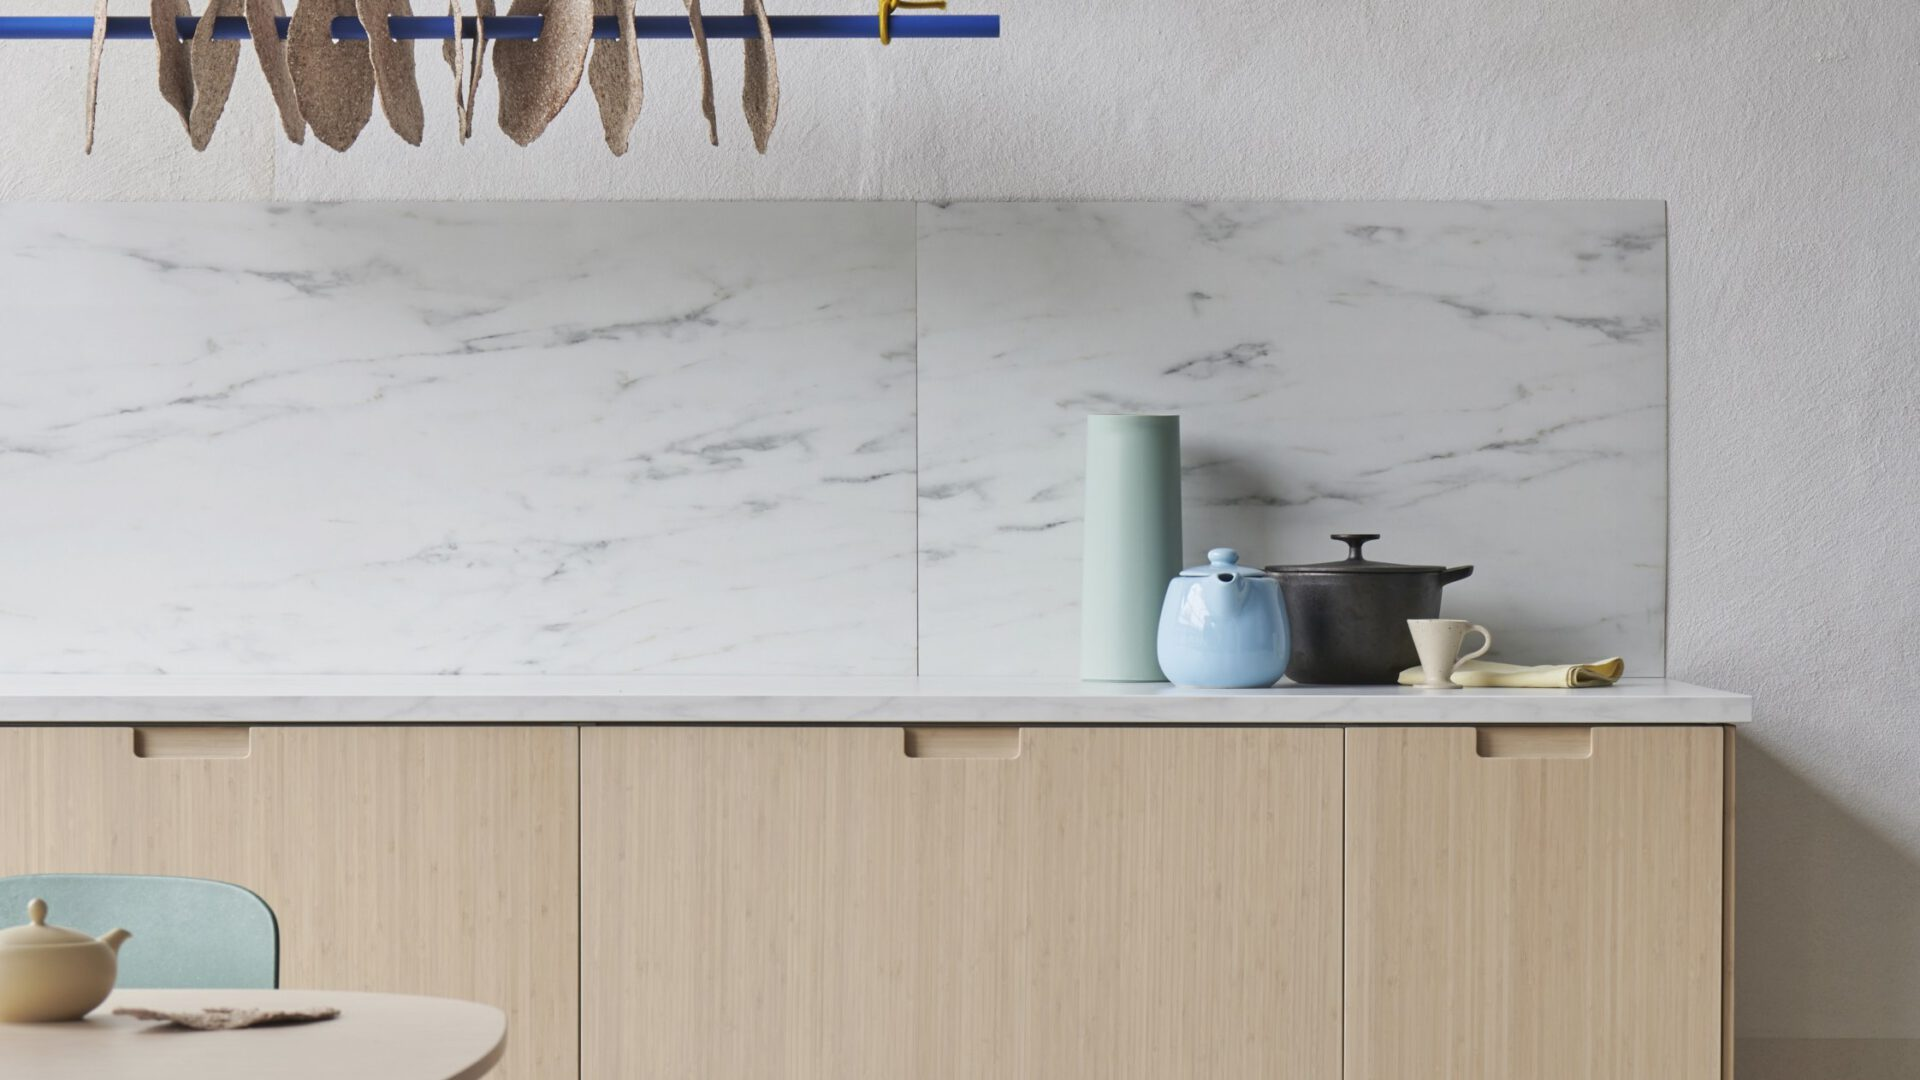 Nowy projekt Mai Ganszyniec dla IKEA